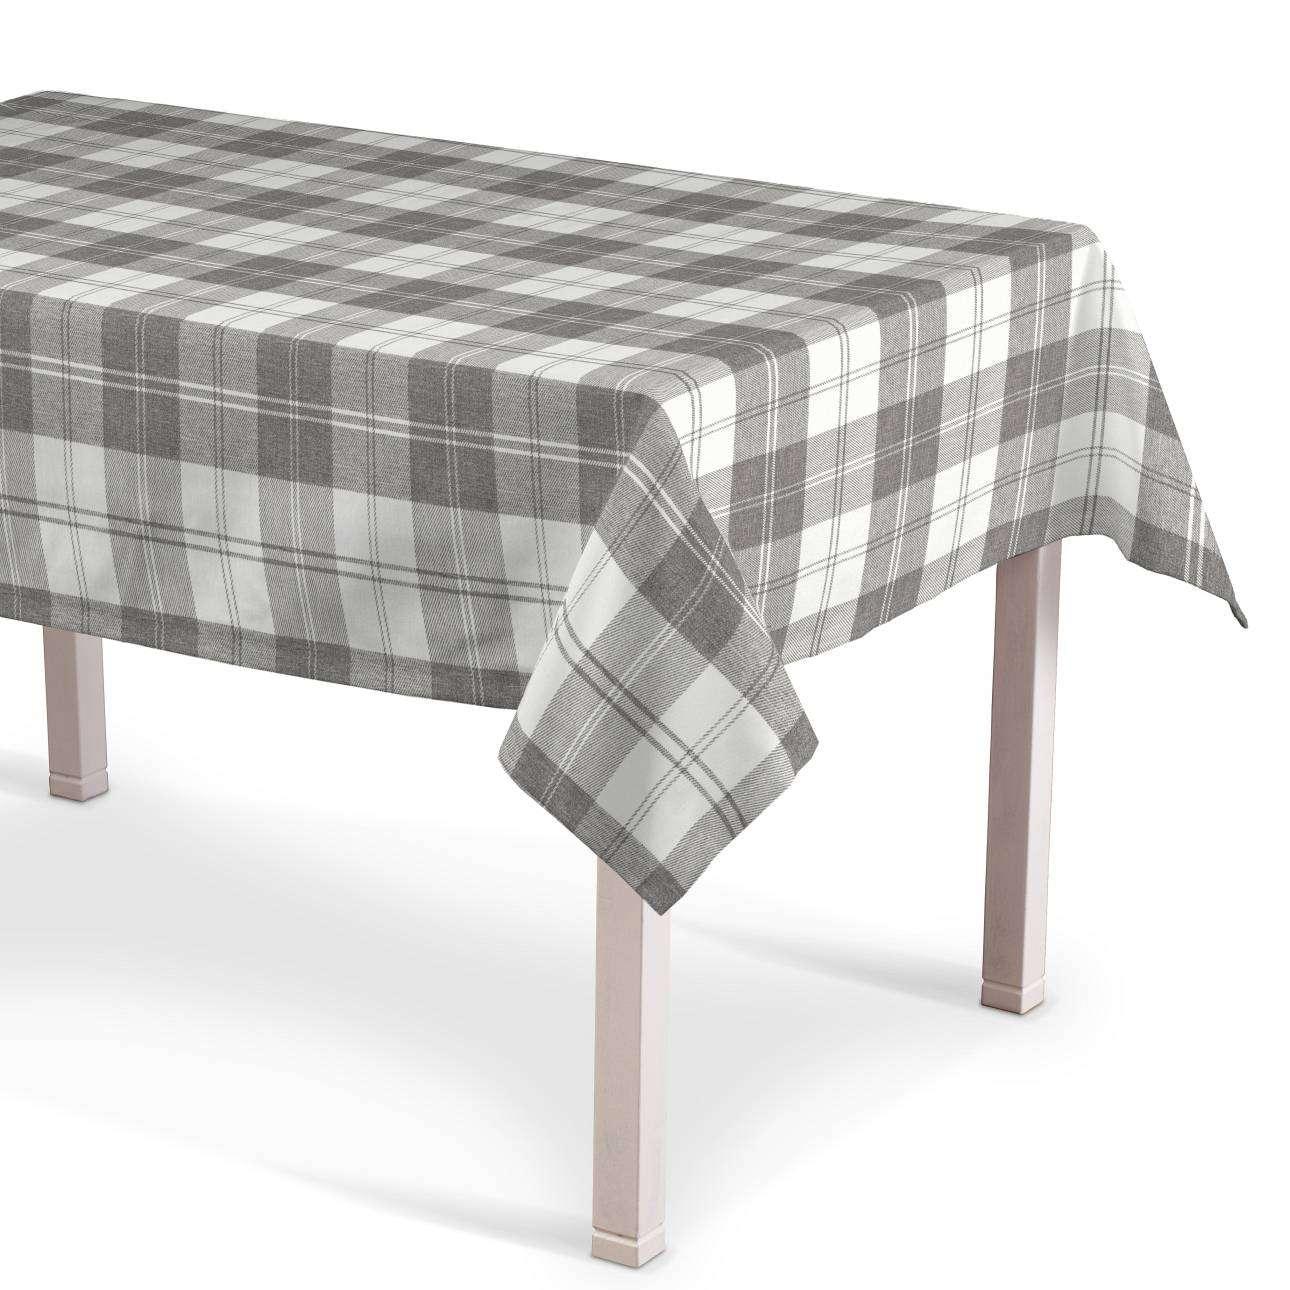 Asztalterítő téglalap alakú a kollekcióból Edinburgh Bútorszövet, Dekoranyag: 115-79